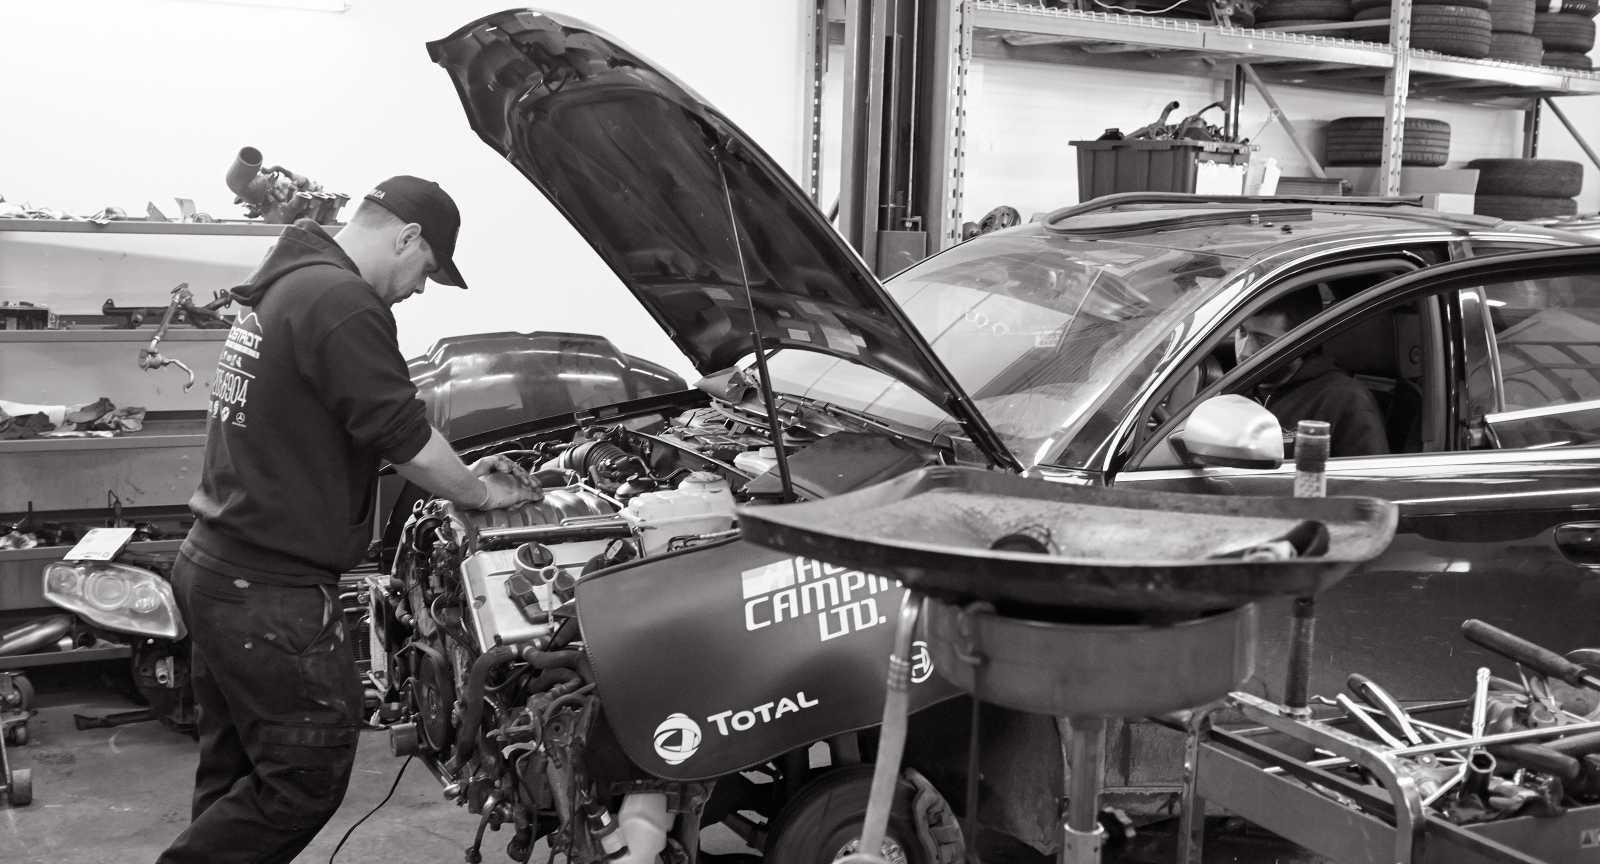 OttoStadt MotorWerks Car Service